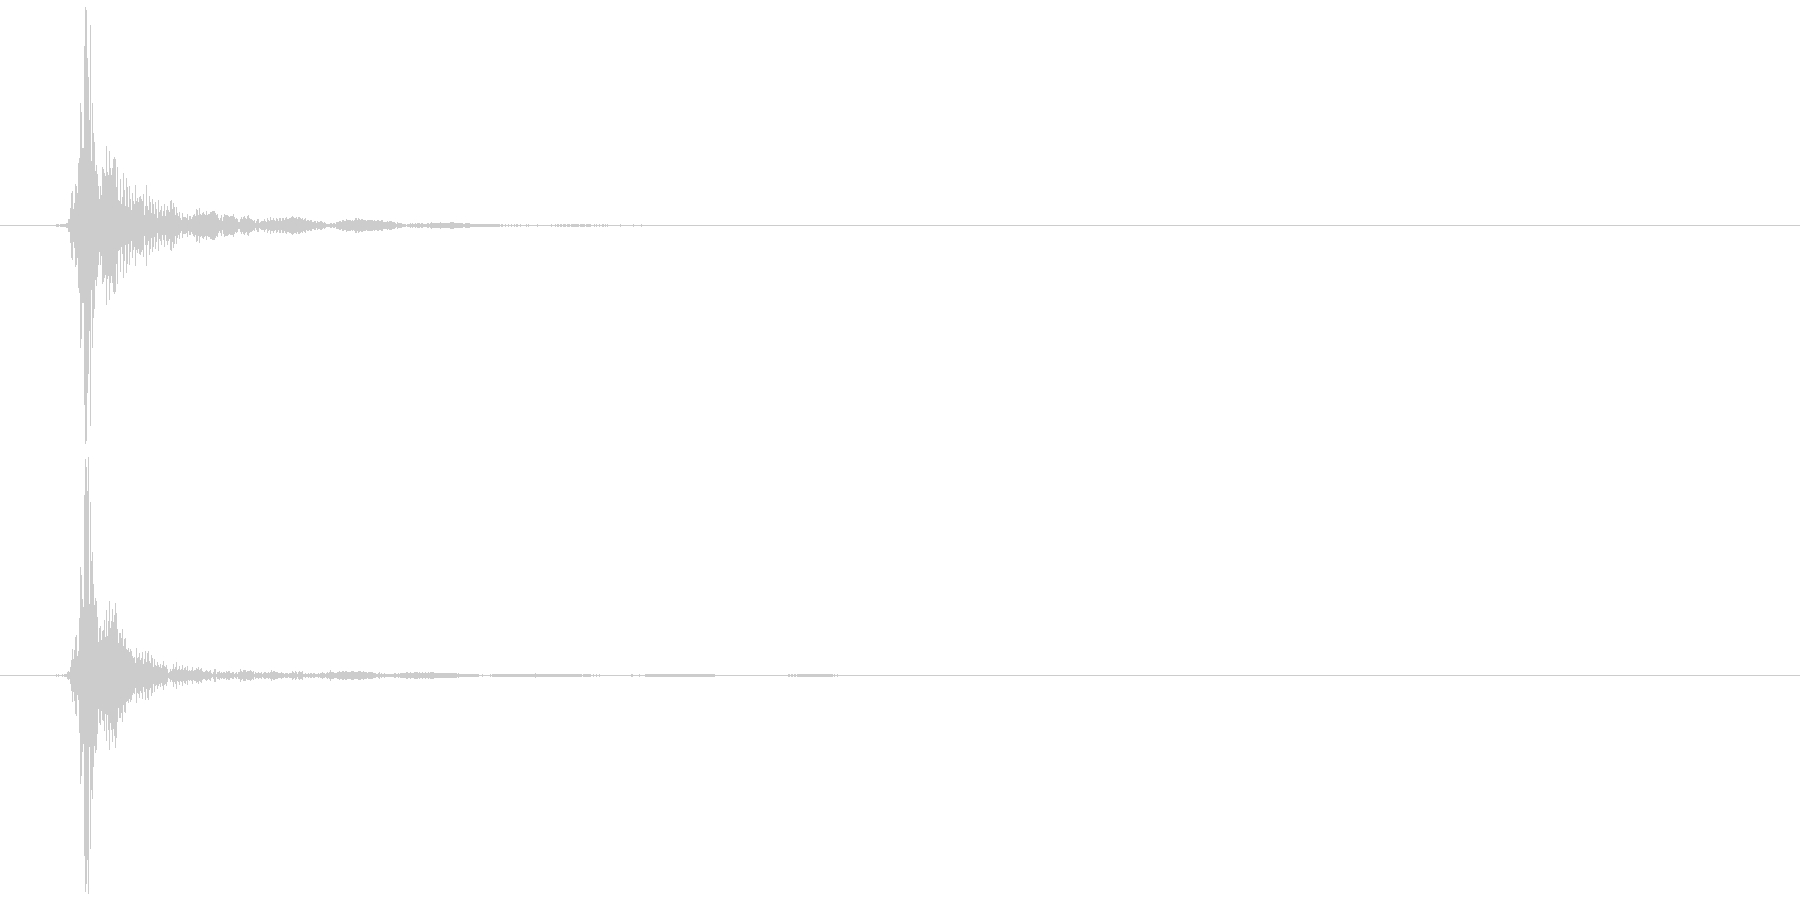 リング型キャップ 開栓 (パッ)の未再生の波形